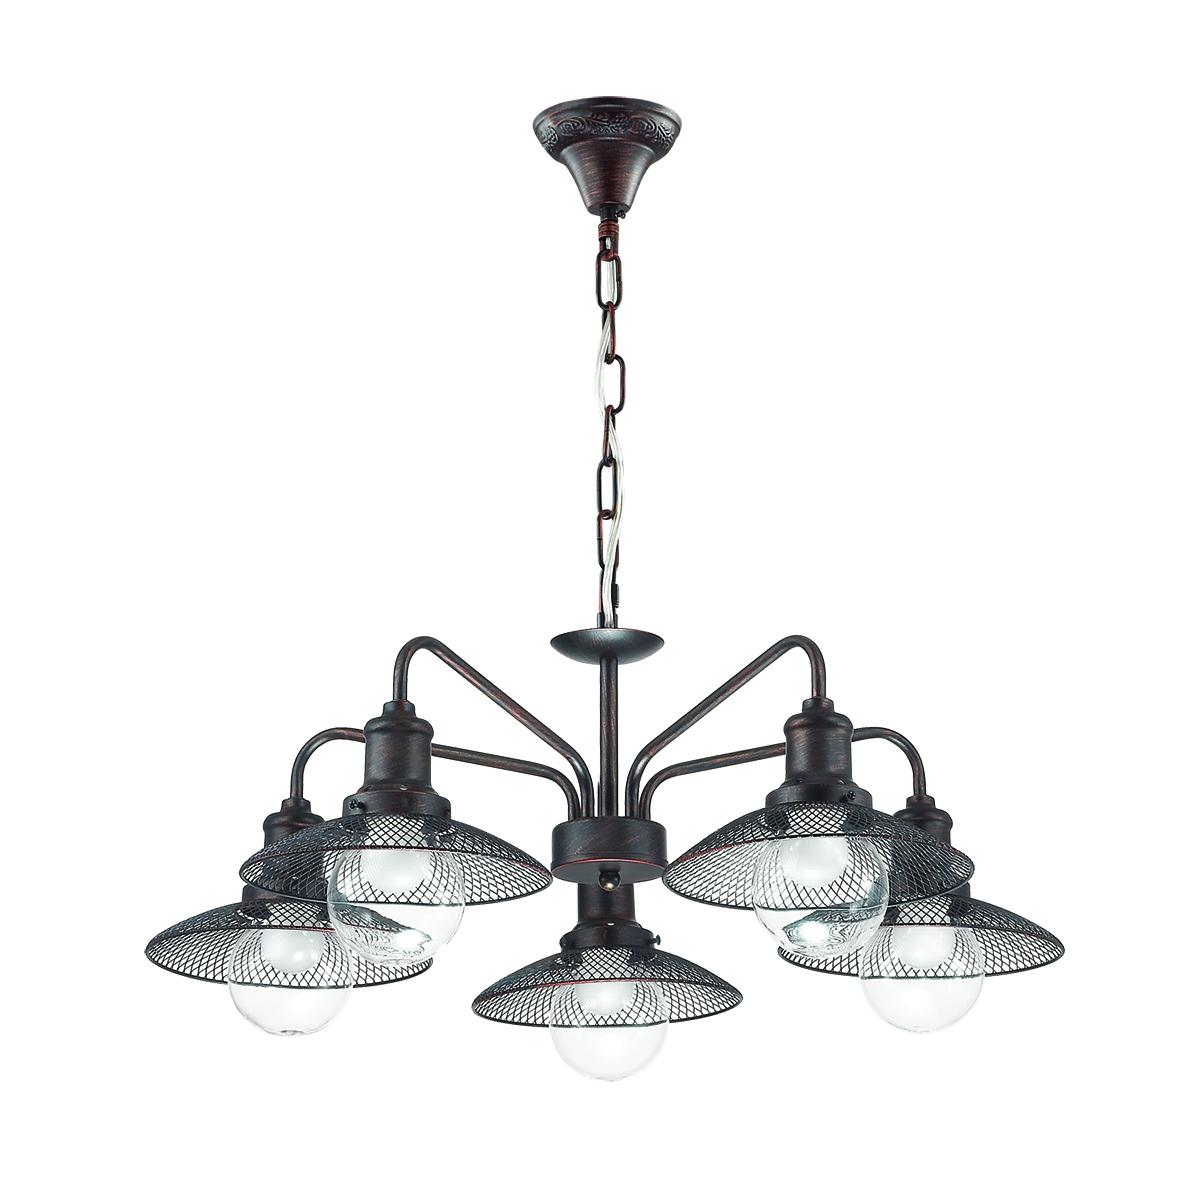 Подвесная люстра Lumion Ludacris 3513/5, 5xE27x60W, коричневый, прозрачный, металл, стекло - фото 2